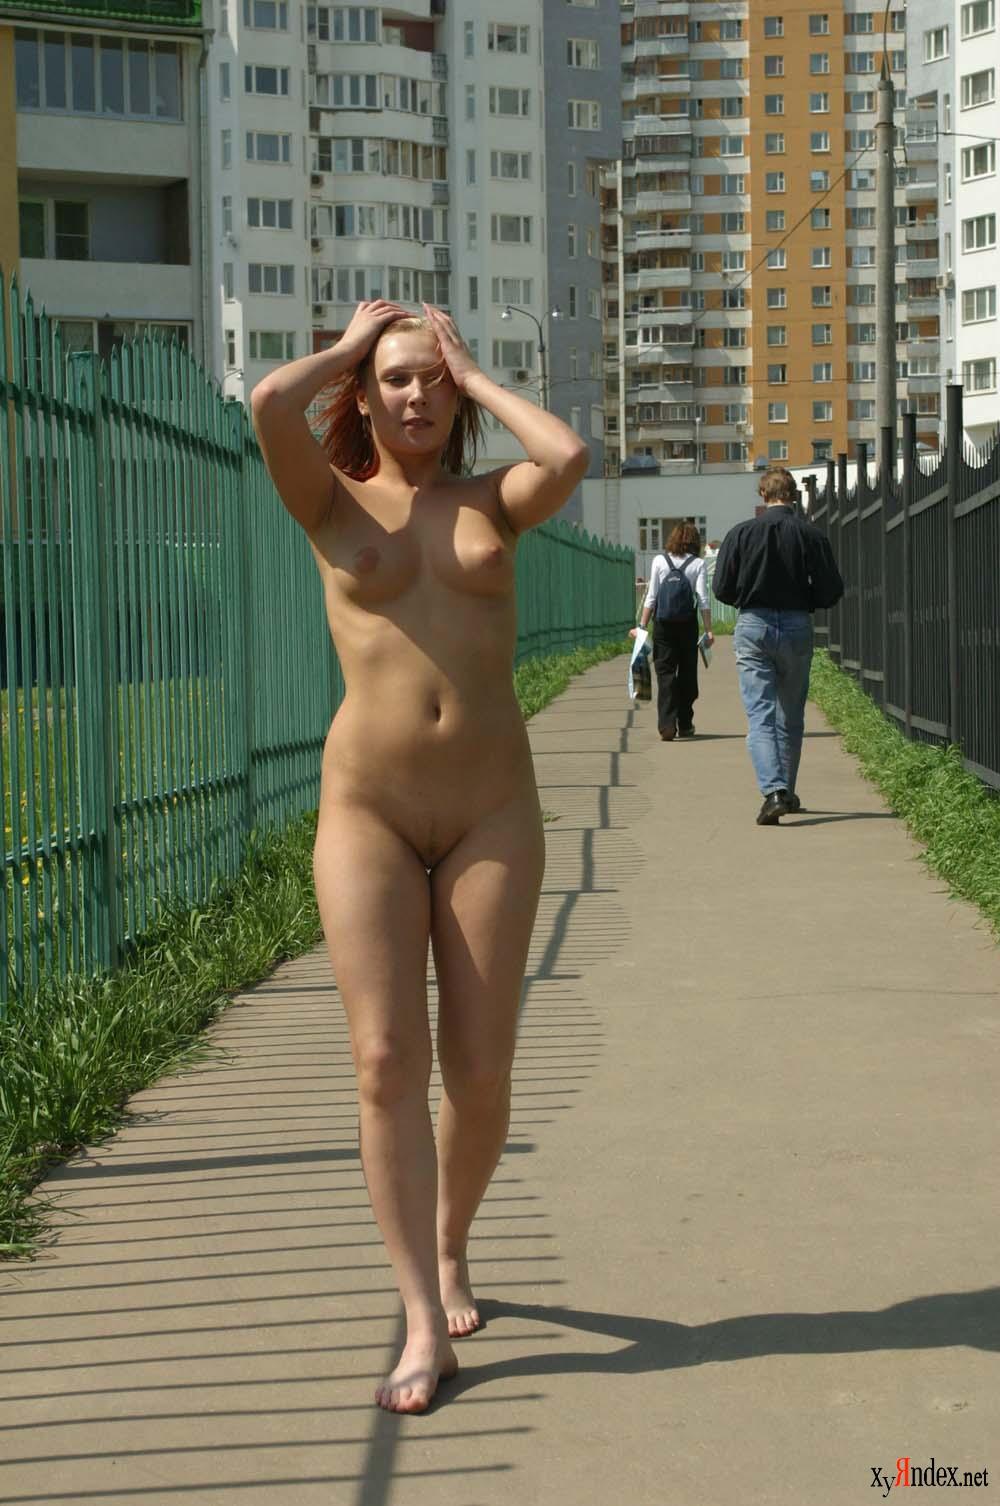 Публичное порно встречи на улице с девушками 2 фотография